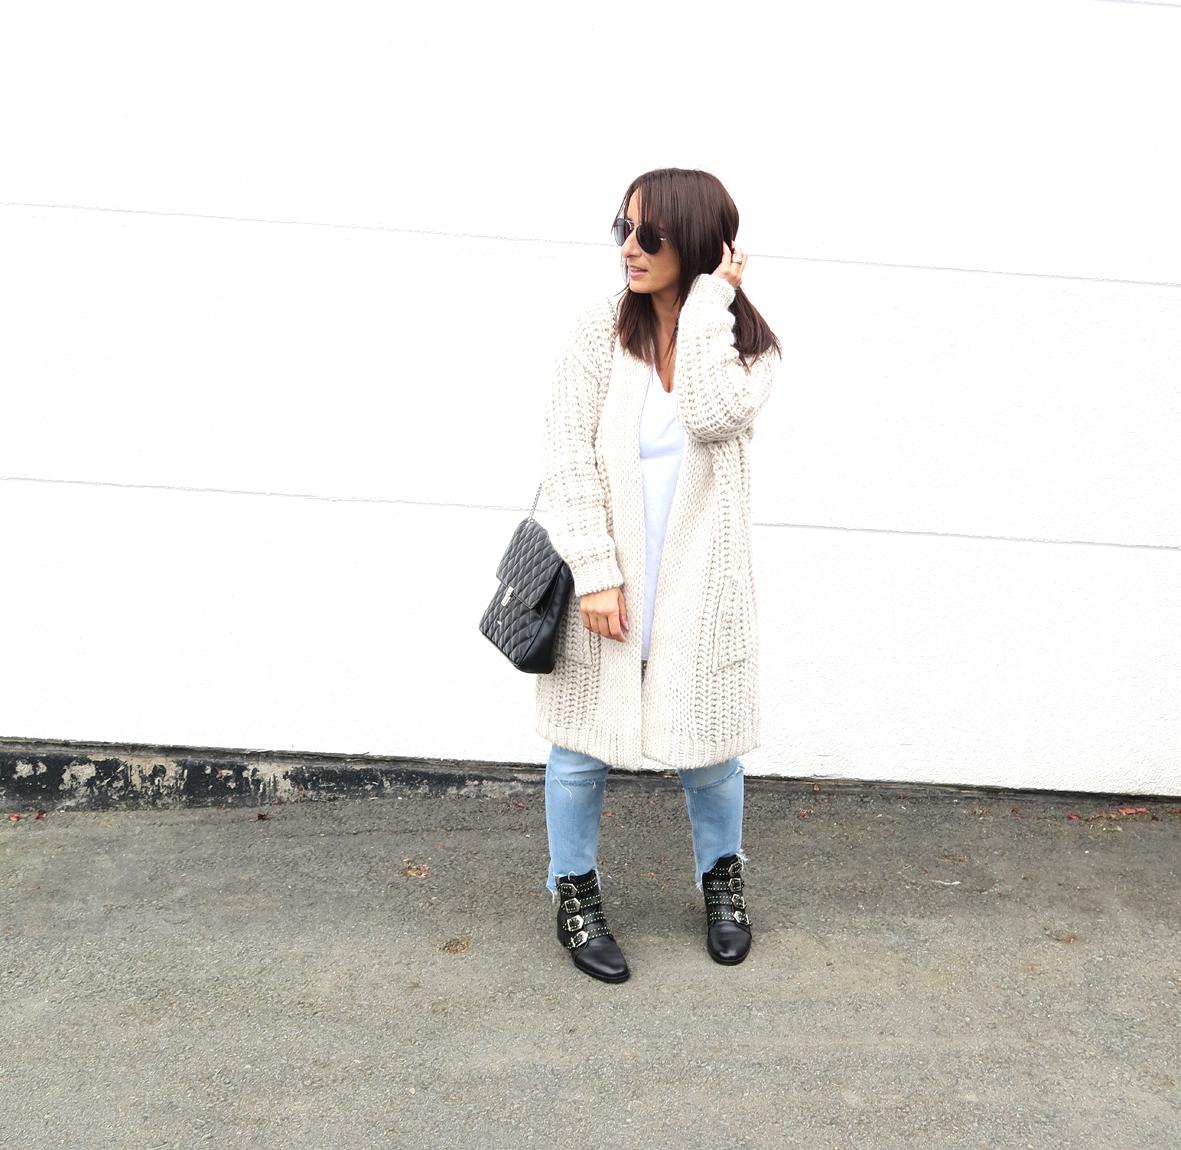 nieten-boots-herbstlook-streetstyle-autumn-blogger-fashion-outfit-zara-10